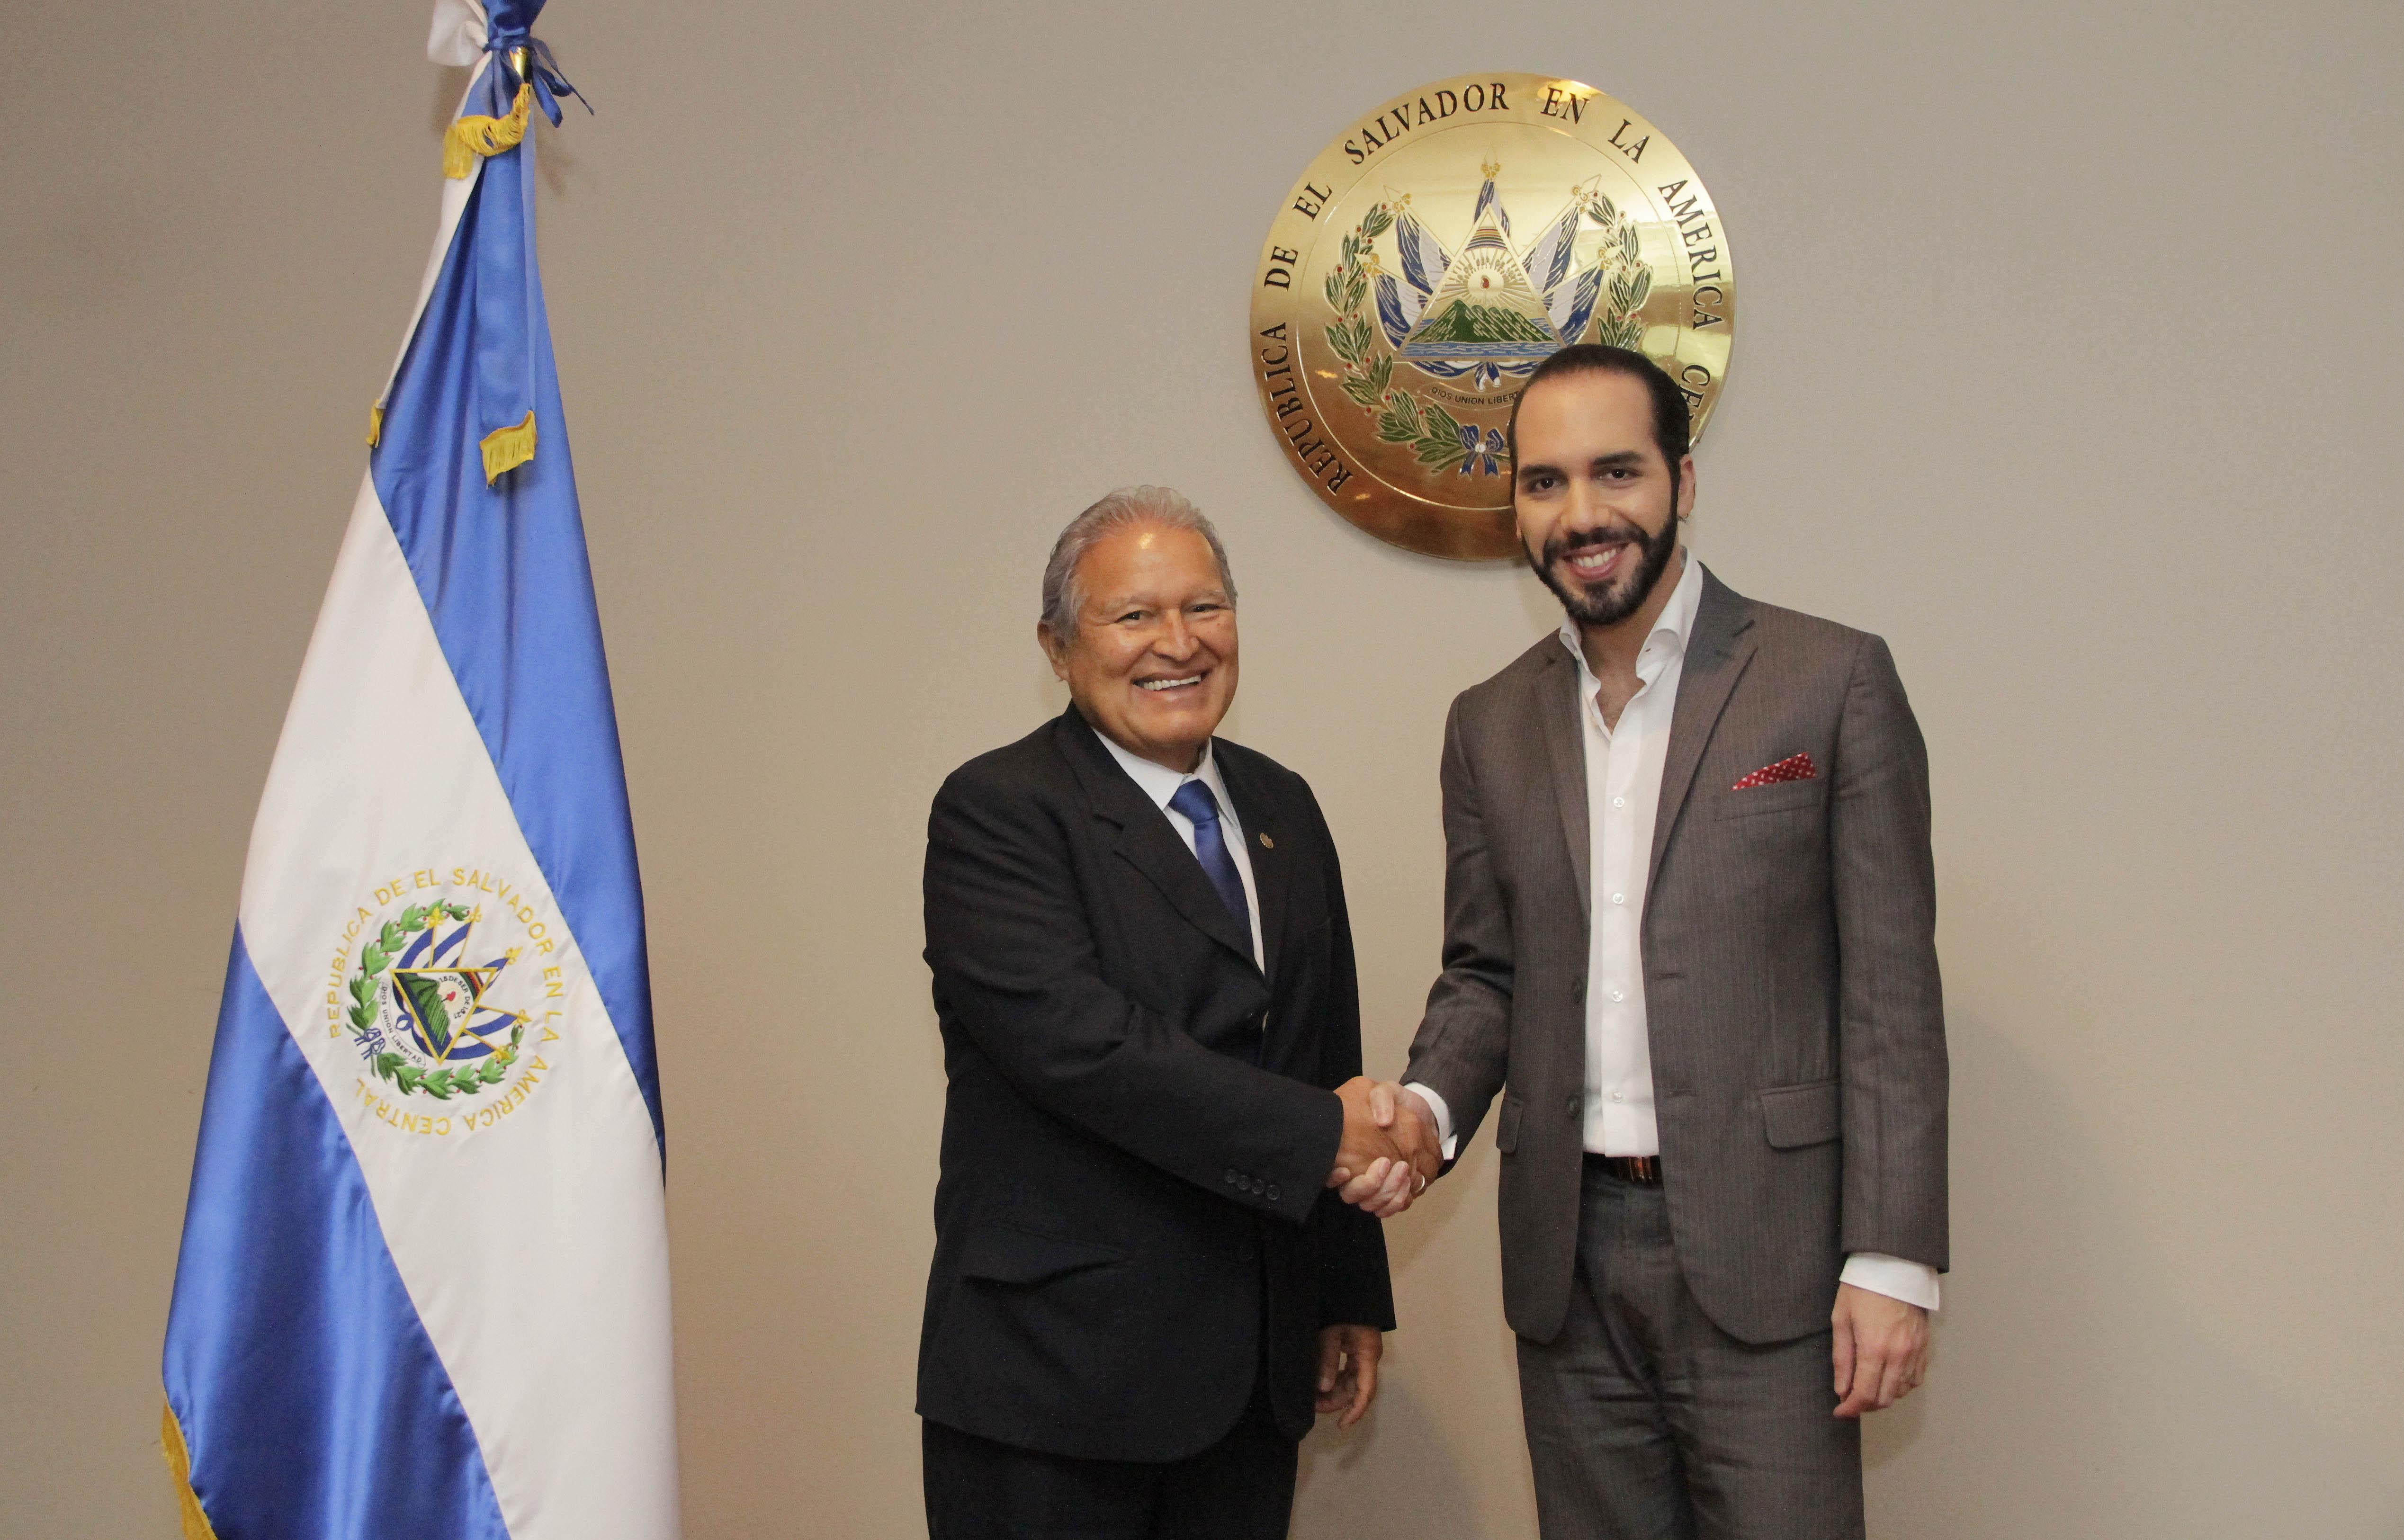 Reunión presidente sánchez cerén con alcalde de san salvador. photo